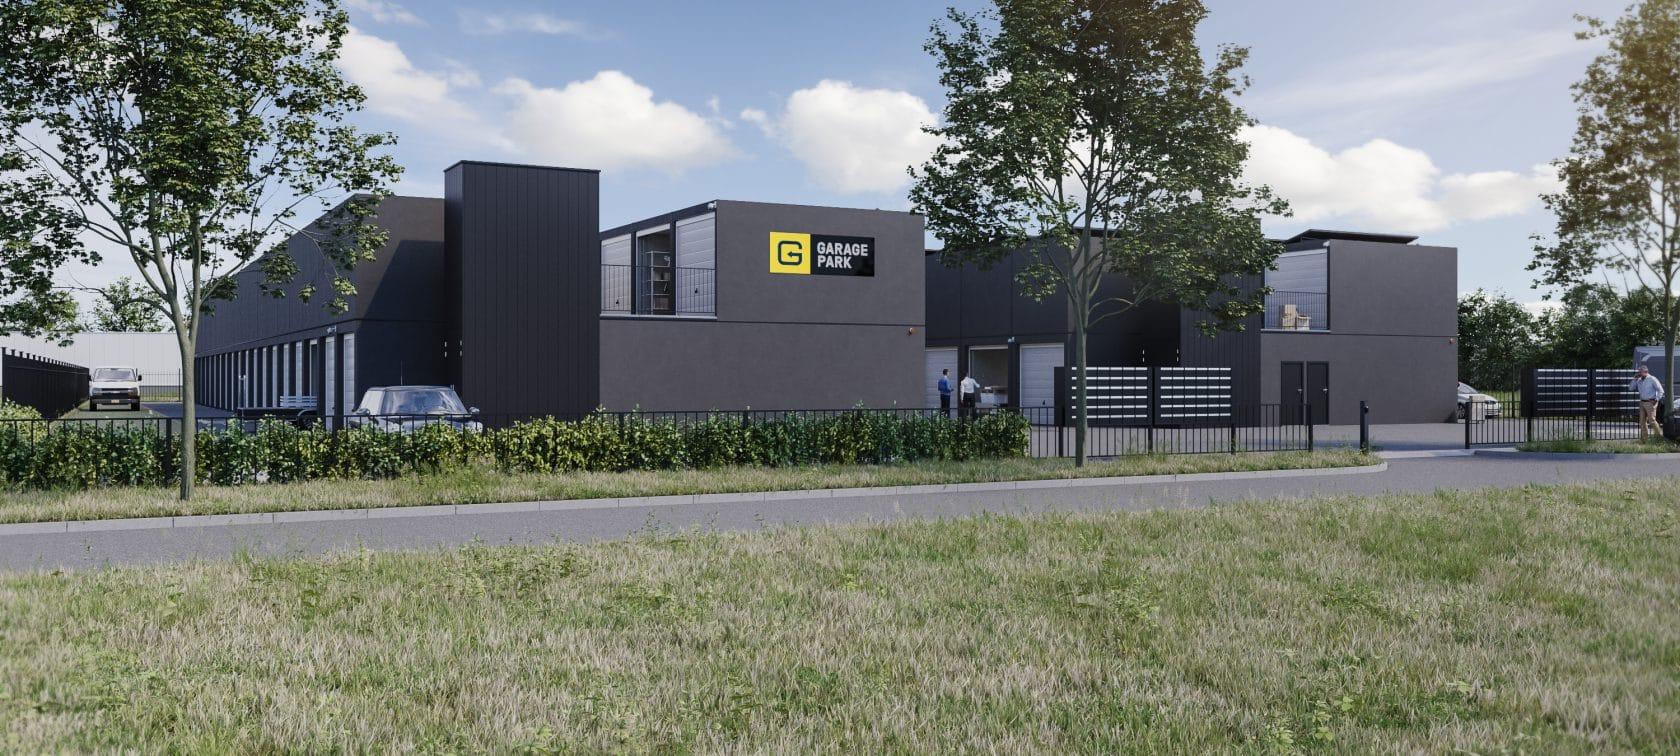 GaragePark Heinenoord 2